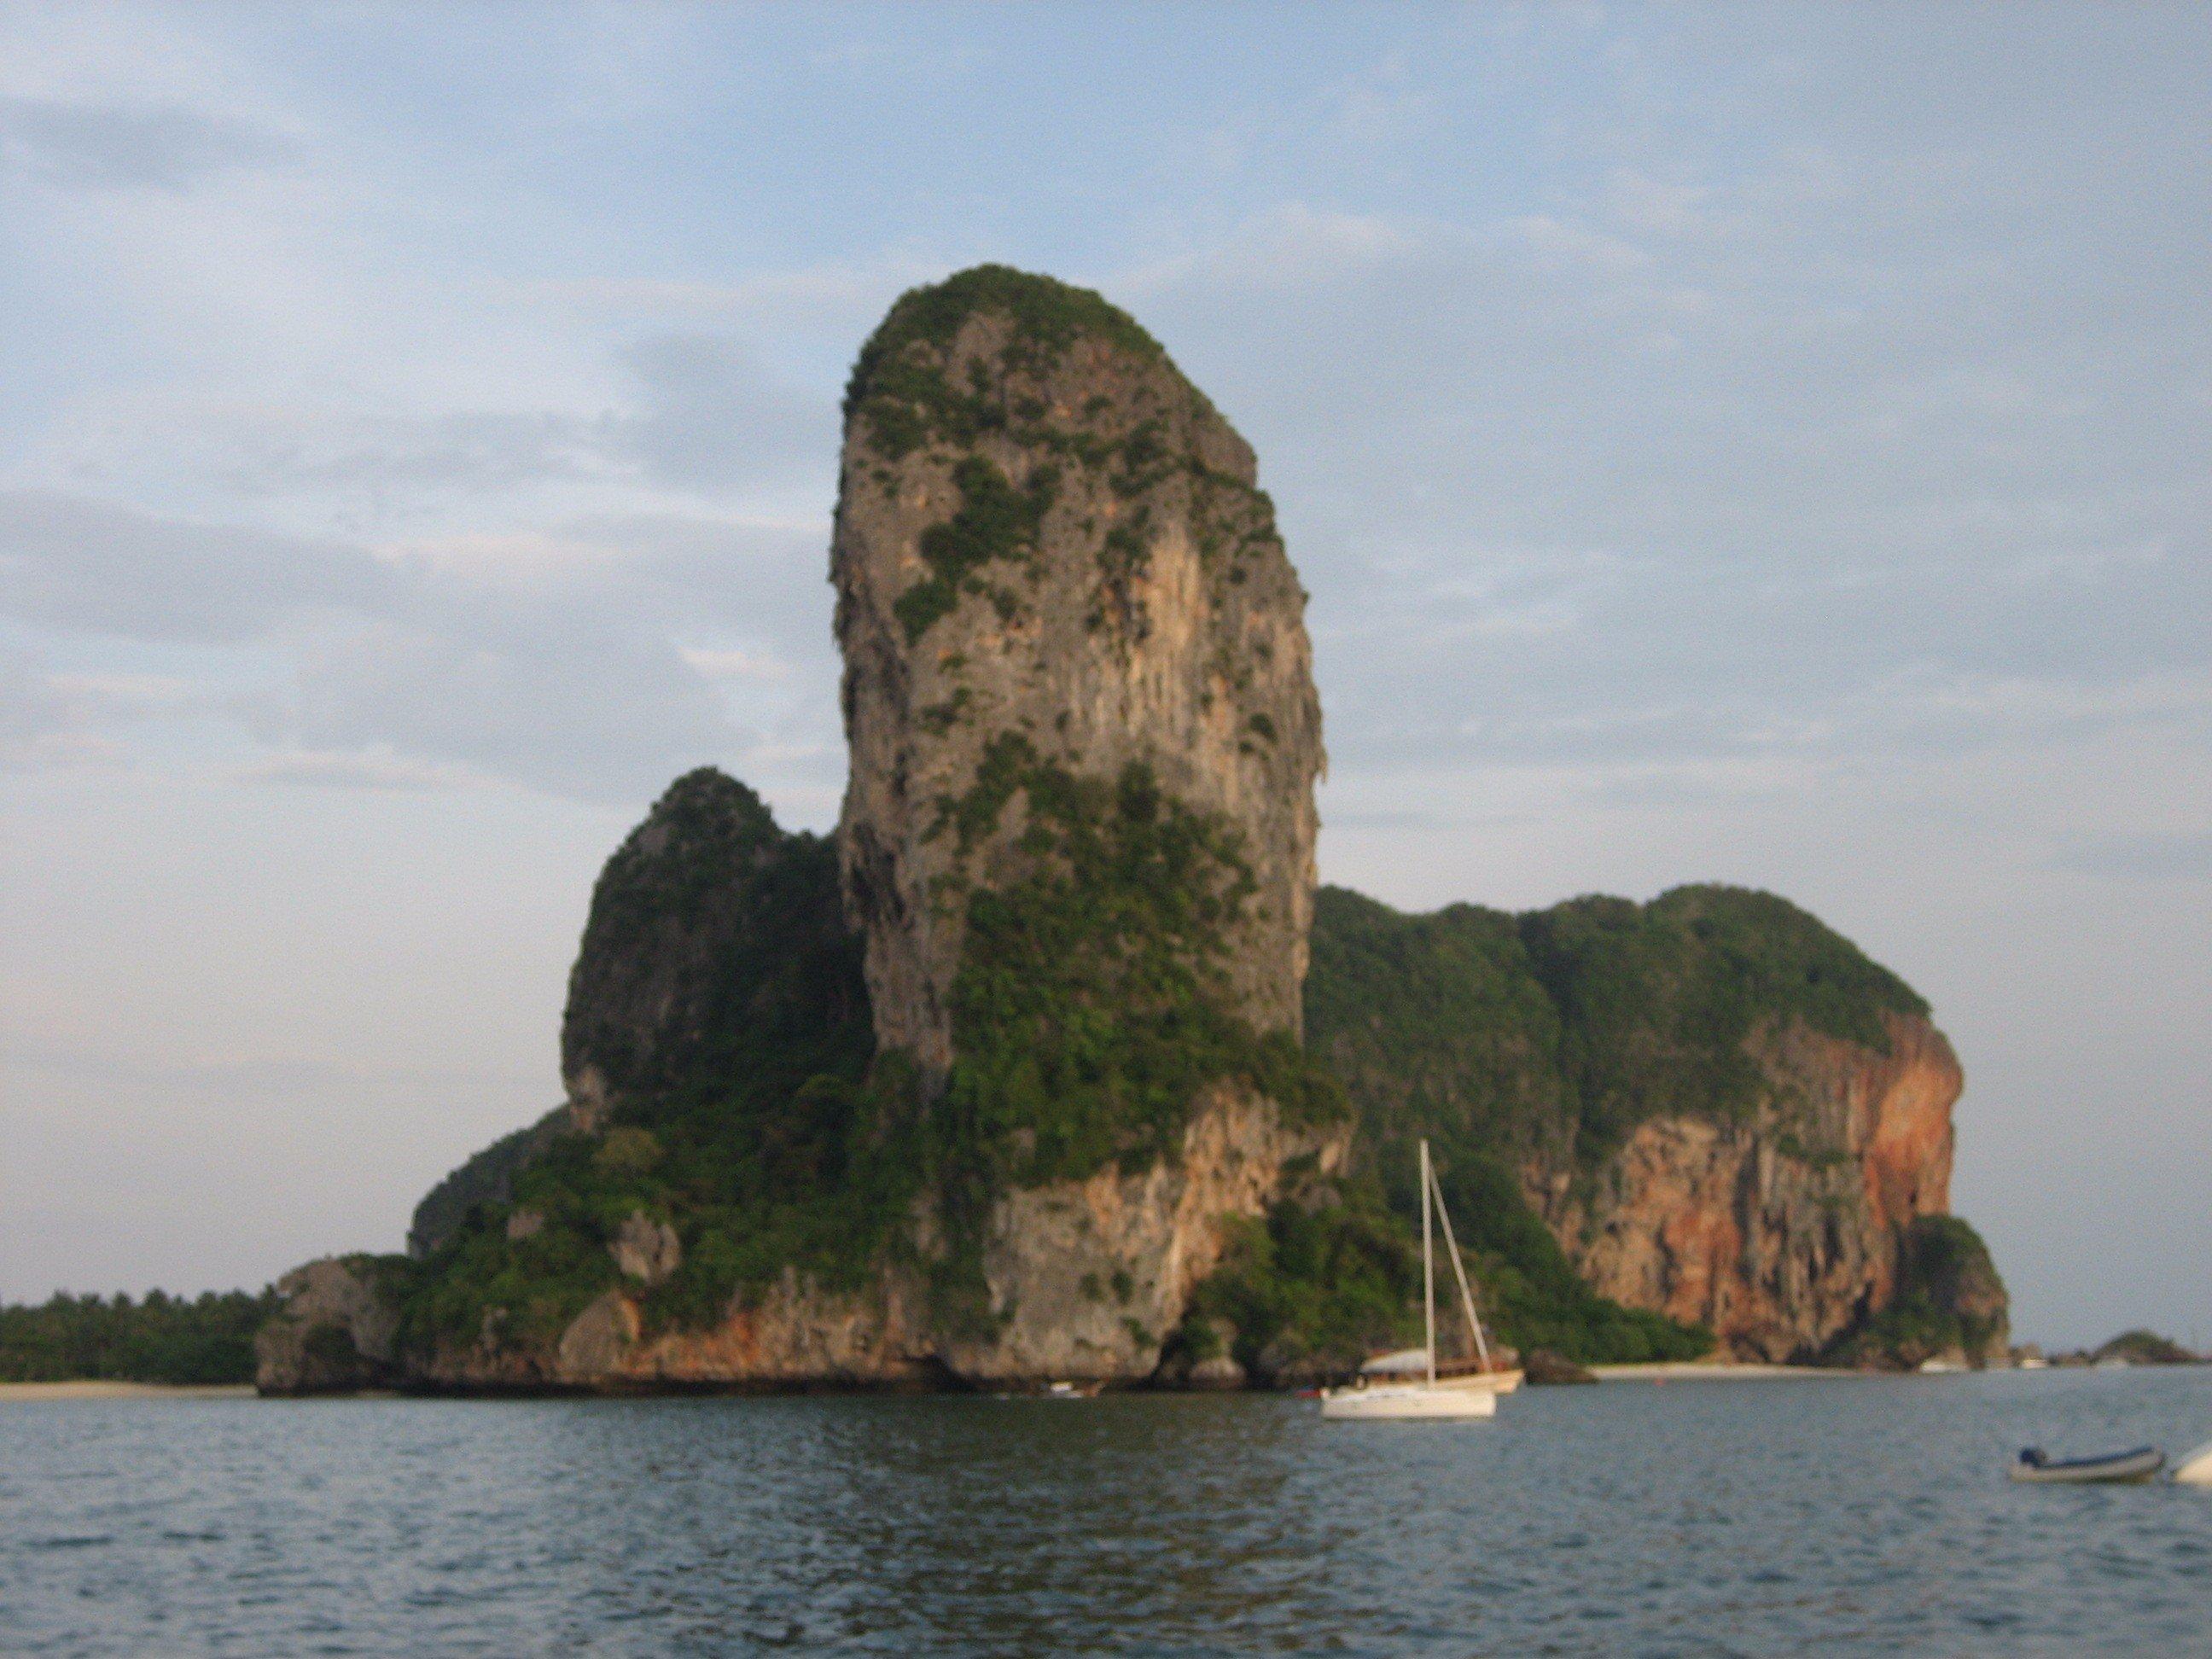 Anchored near a hong